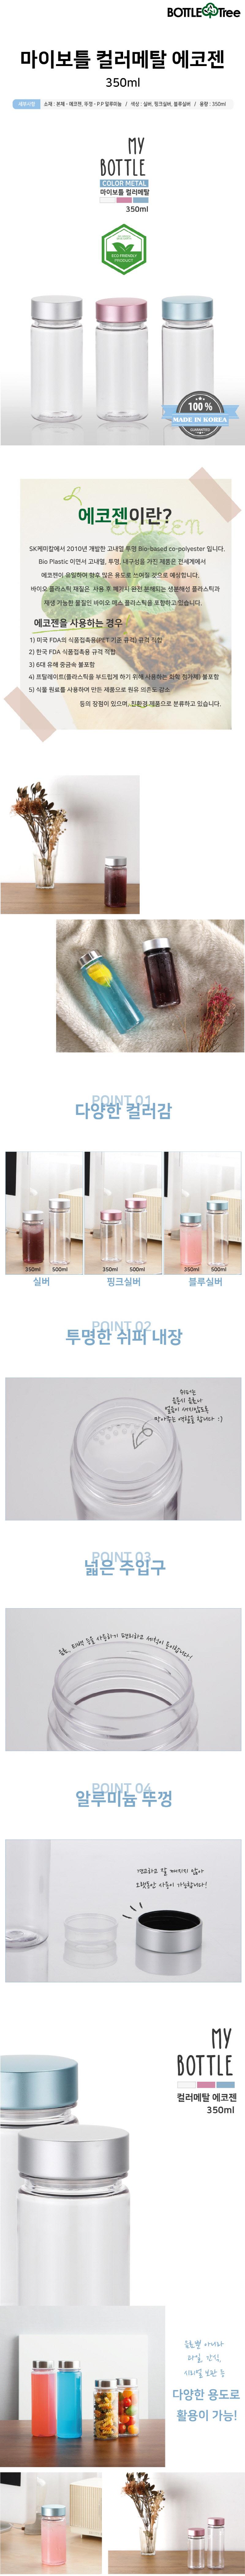 마이보틀 컬러메탈 미니 에코젠 350 상세.jpg